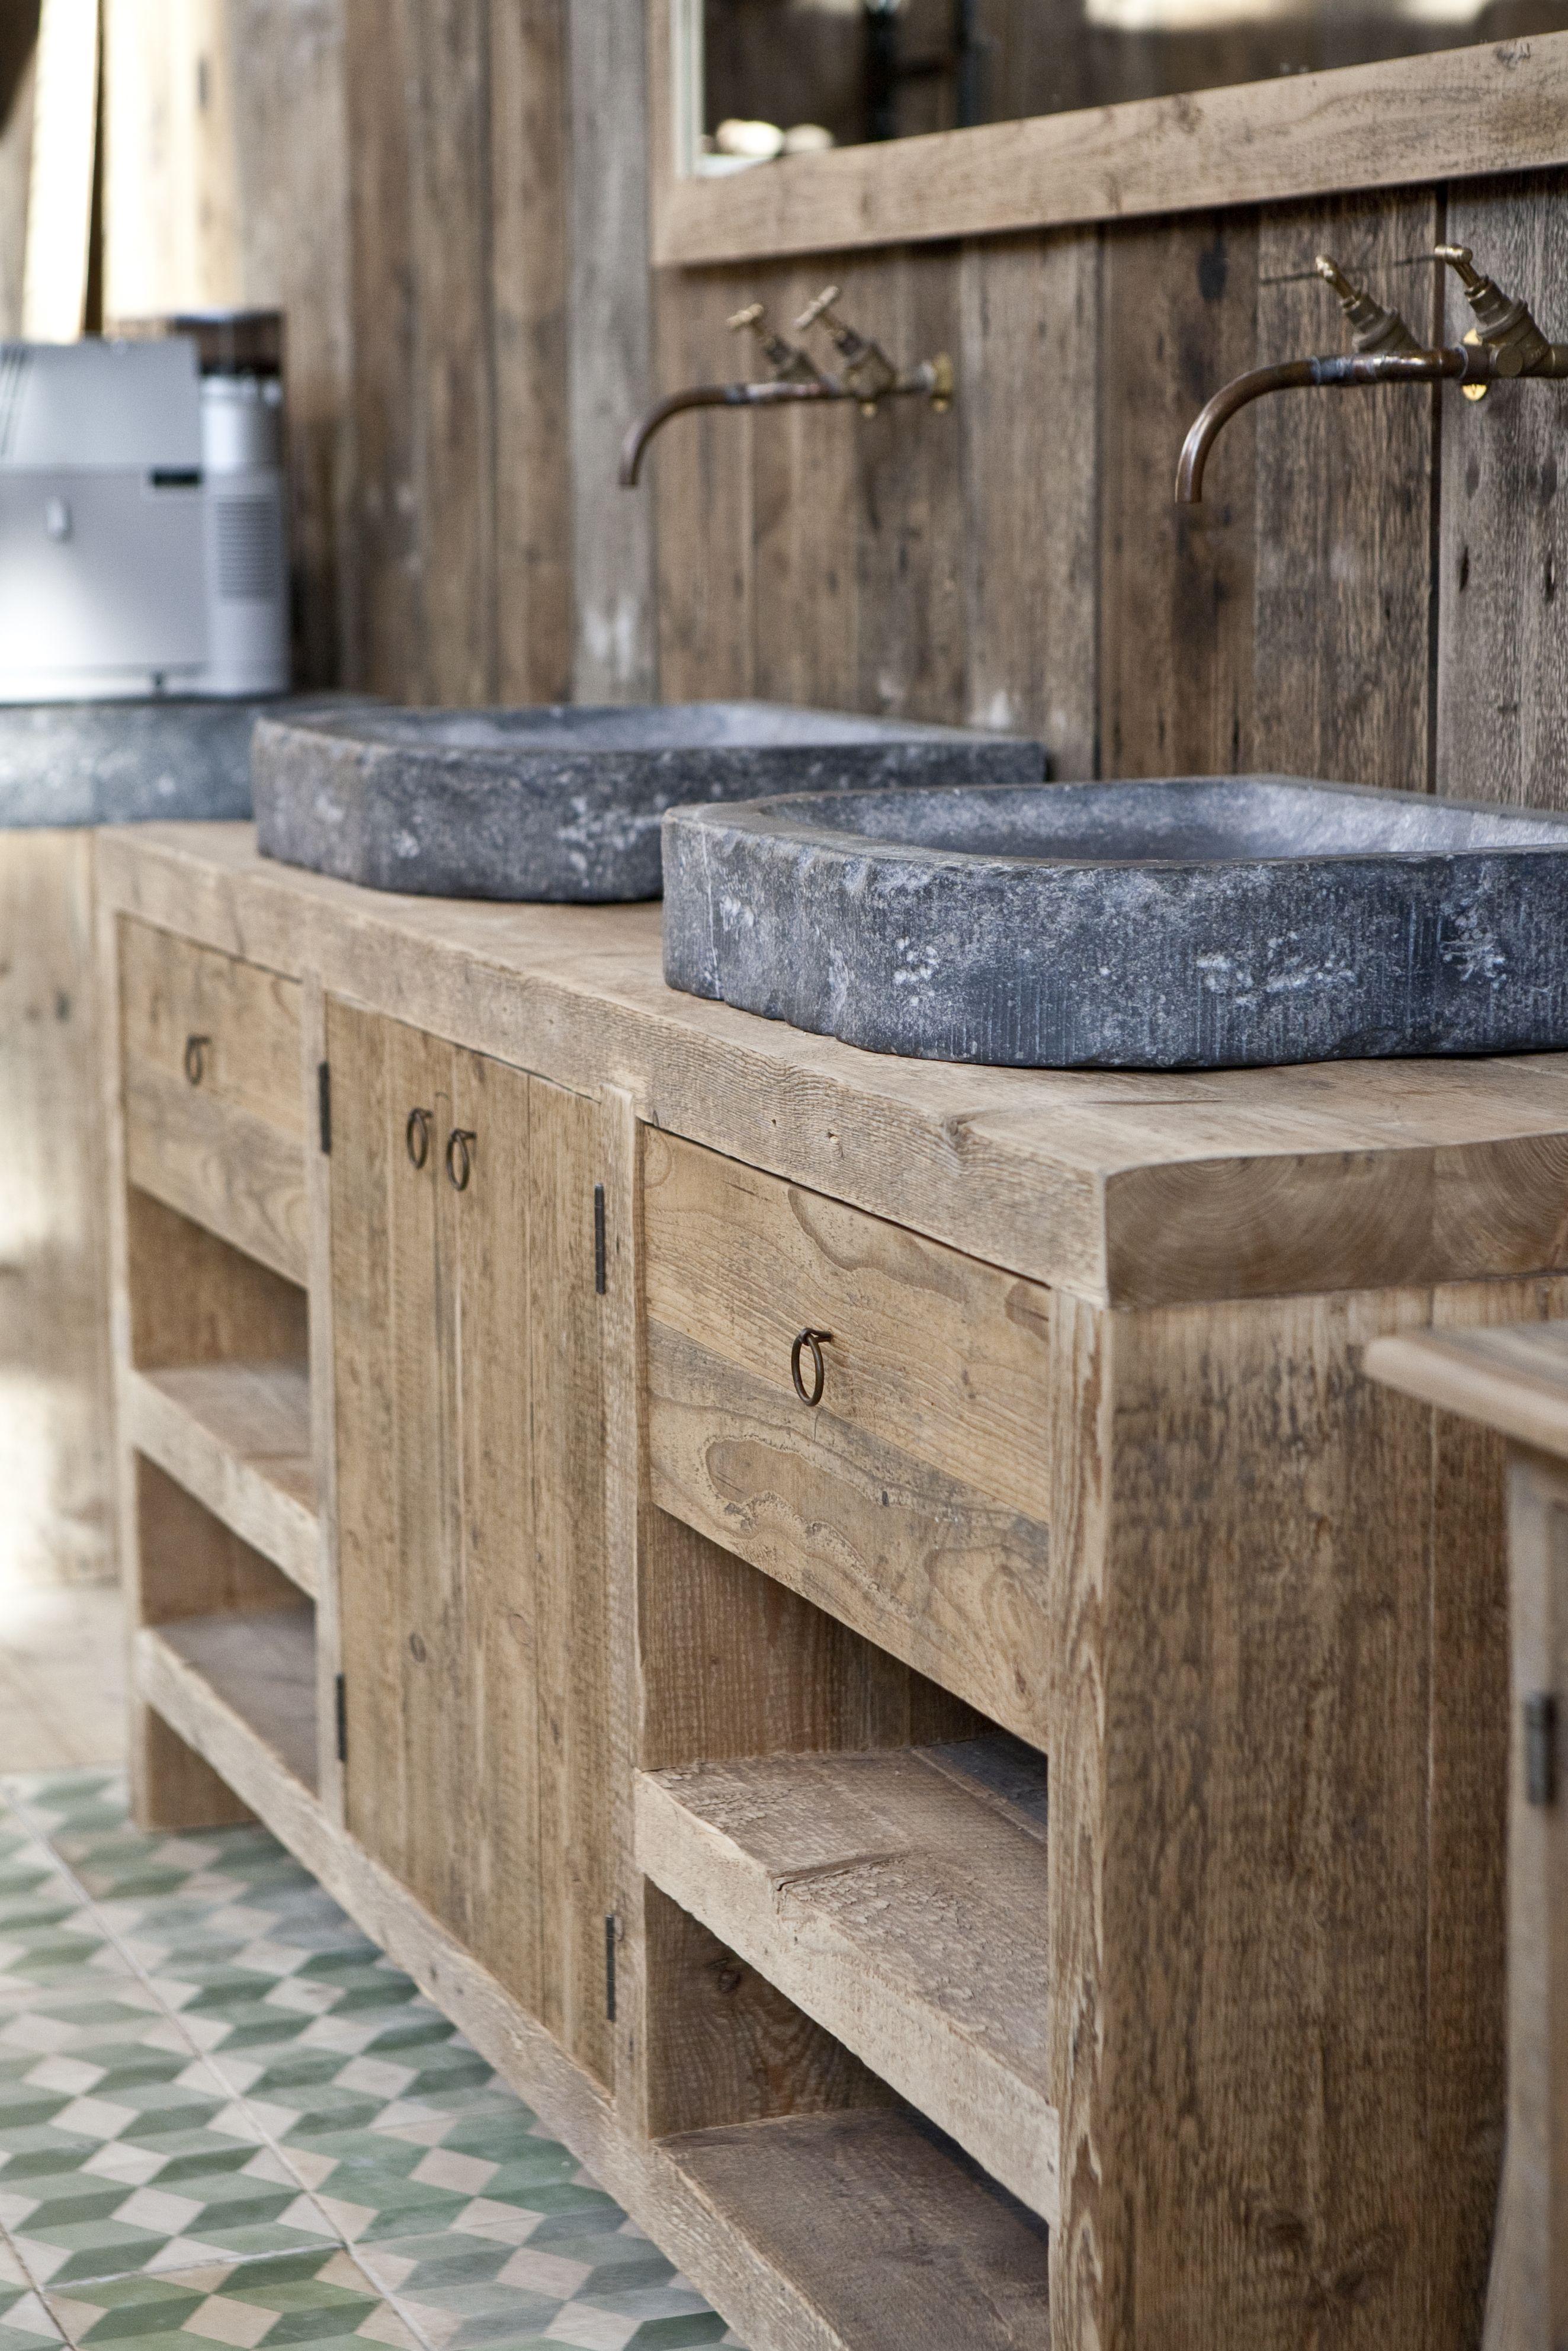 pingl par mimmi smith sur mountain lodge pinterest meubles en bois salle de bains et salle. Black Bedroom Furniture Sets. Home Design Ideas